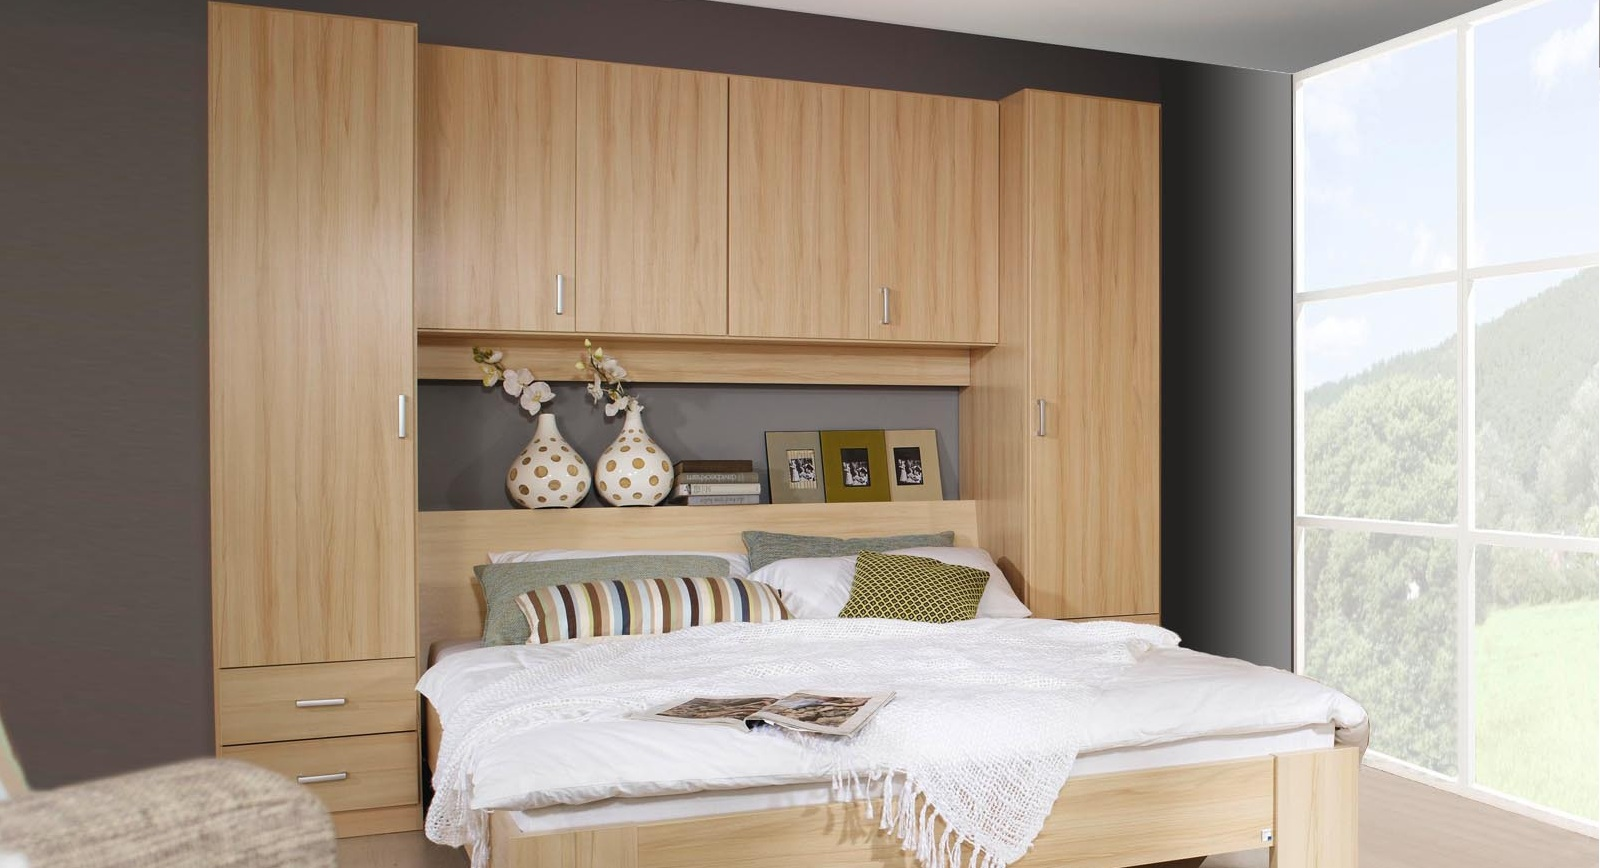 tete de lit en bois pas cher maison design. Black Bedroom Furniture Sets. Home Design Ideas